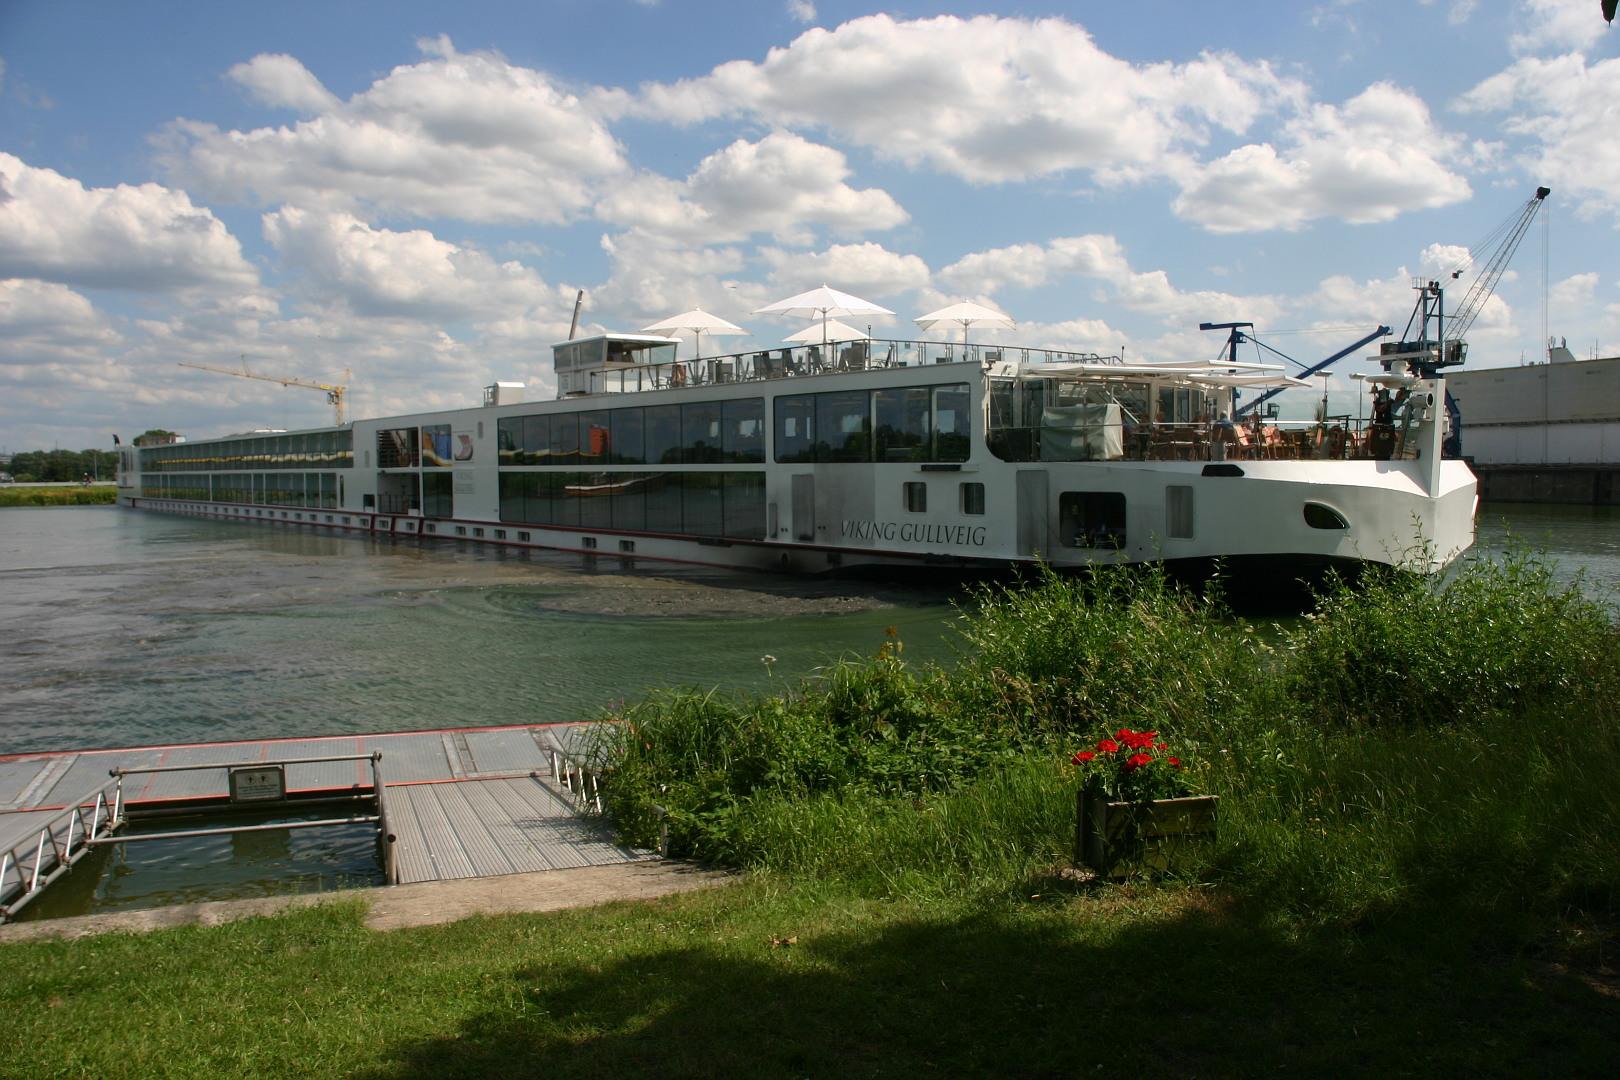 """Kreuzfahrtschiff """"Viking Gullveig"""" beim Wenden auf dem Main-Donau-Kanal in Erlangen (Foto: Rolf Baßler)"""